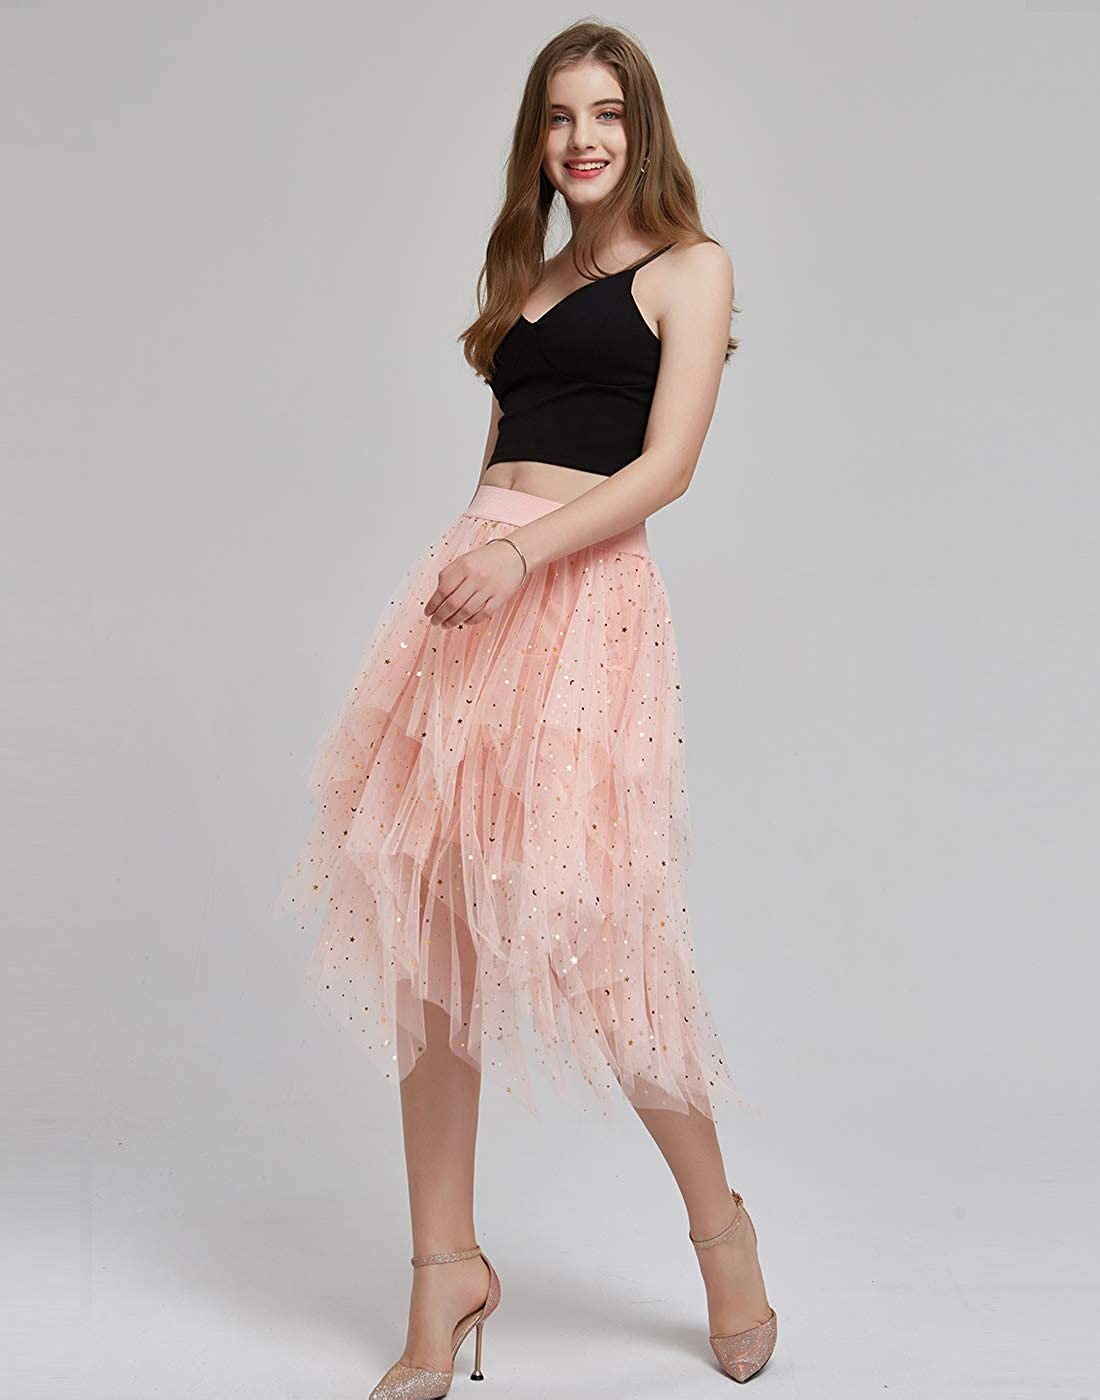 FEOYA Women Tutu Prom Party Sequins Star Midi//Knee Length Skirt Tulle Skirt